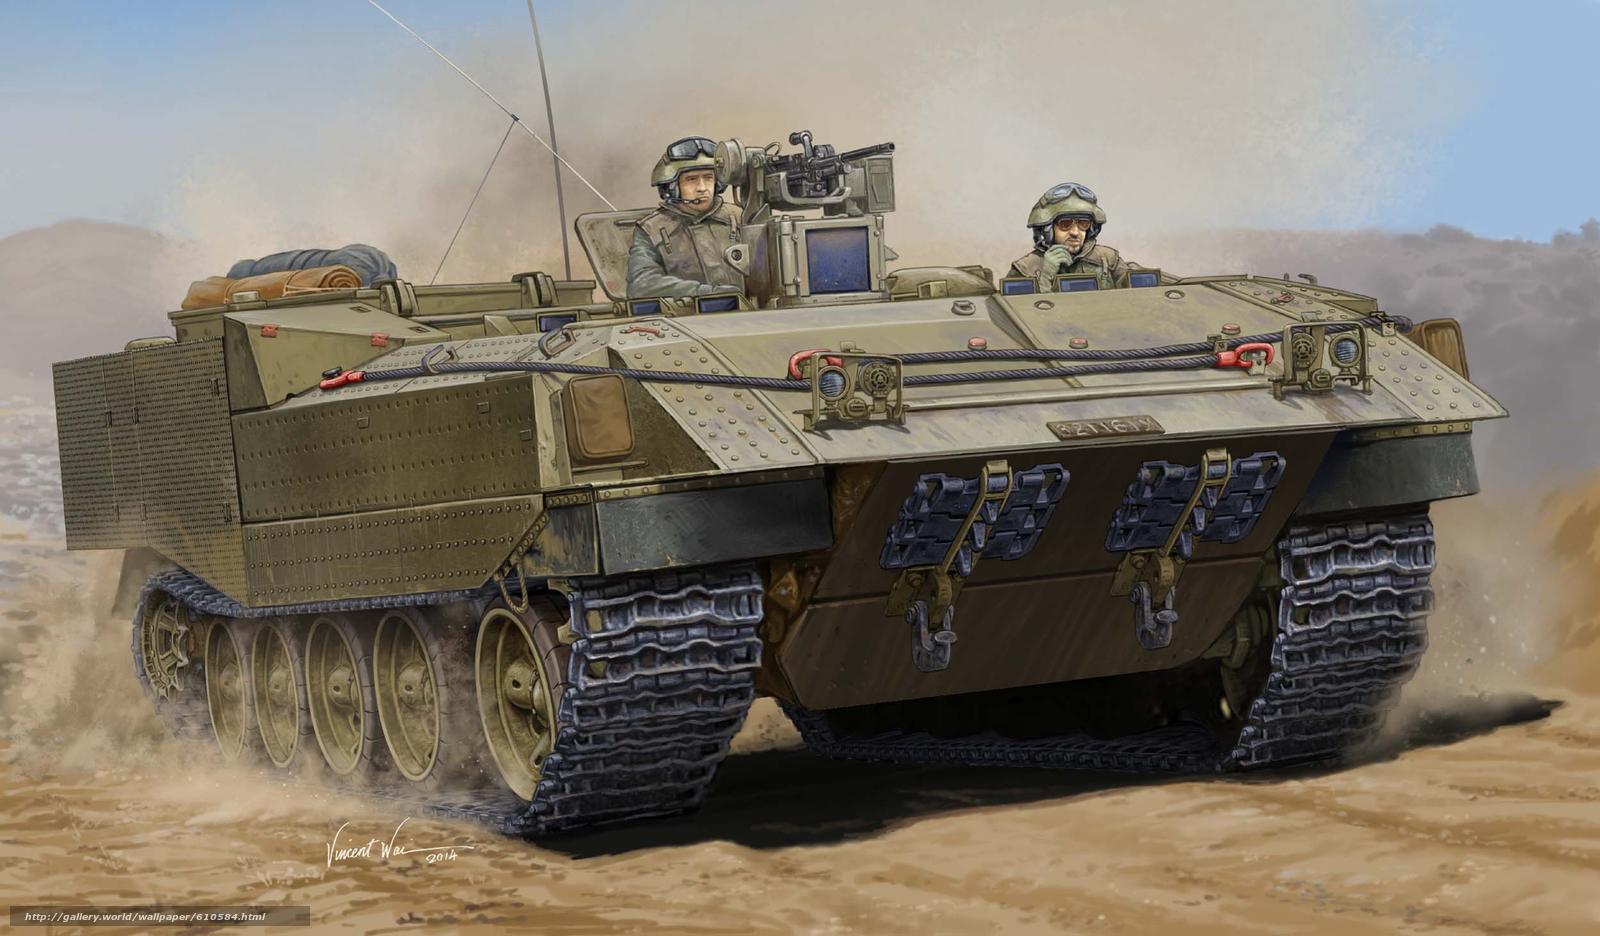 Baixar Wallpaper Arte,  BTR,  Israelense veículo blindado Achzarit Papis de parede grtis na resoluo 2500x1463 — quadro №610584